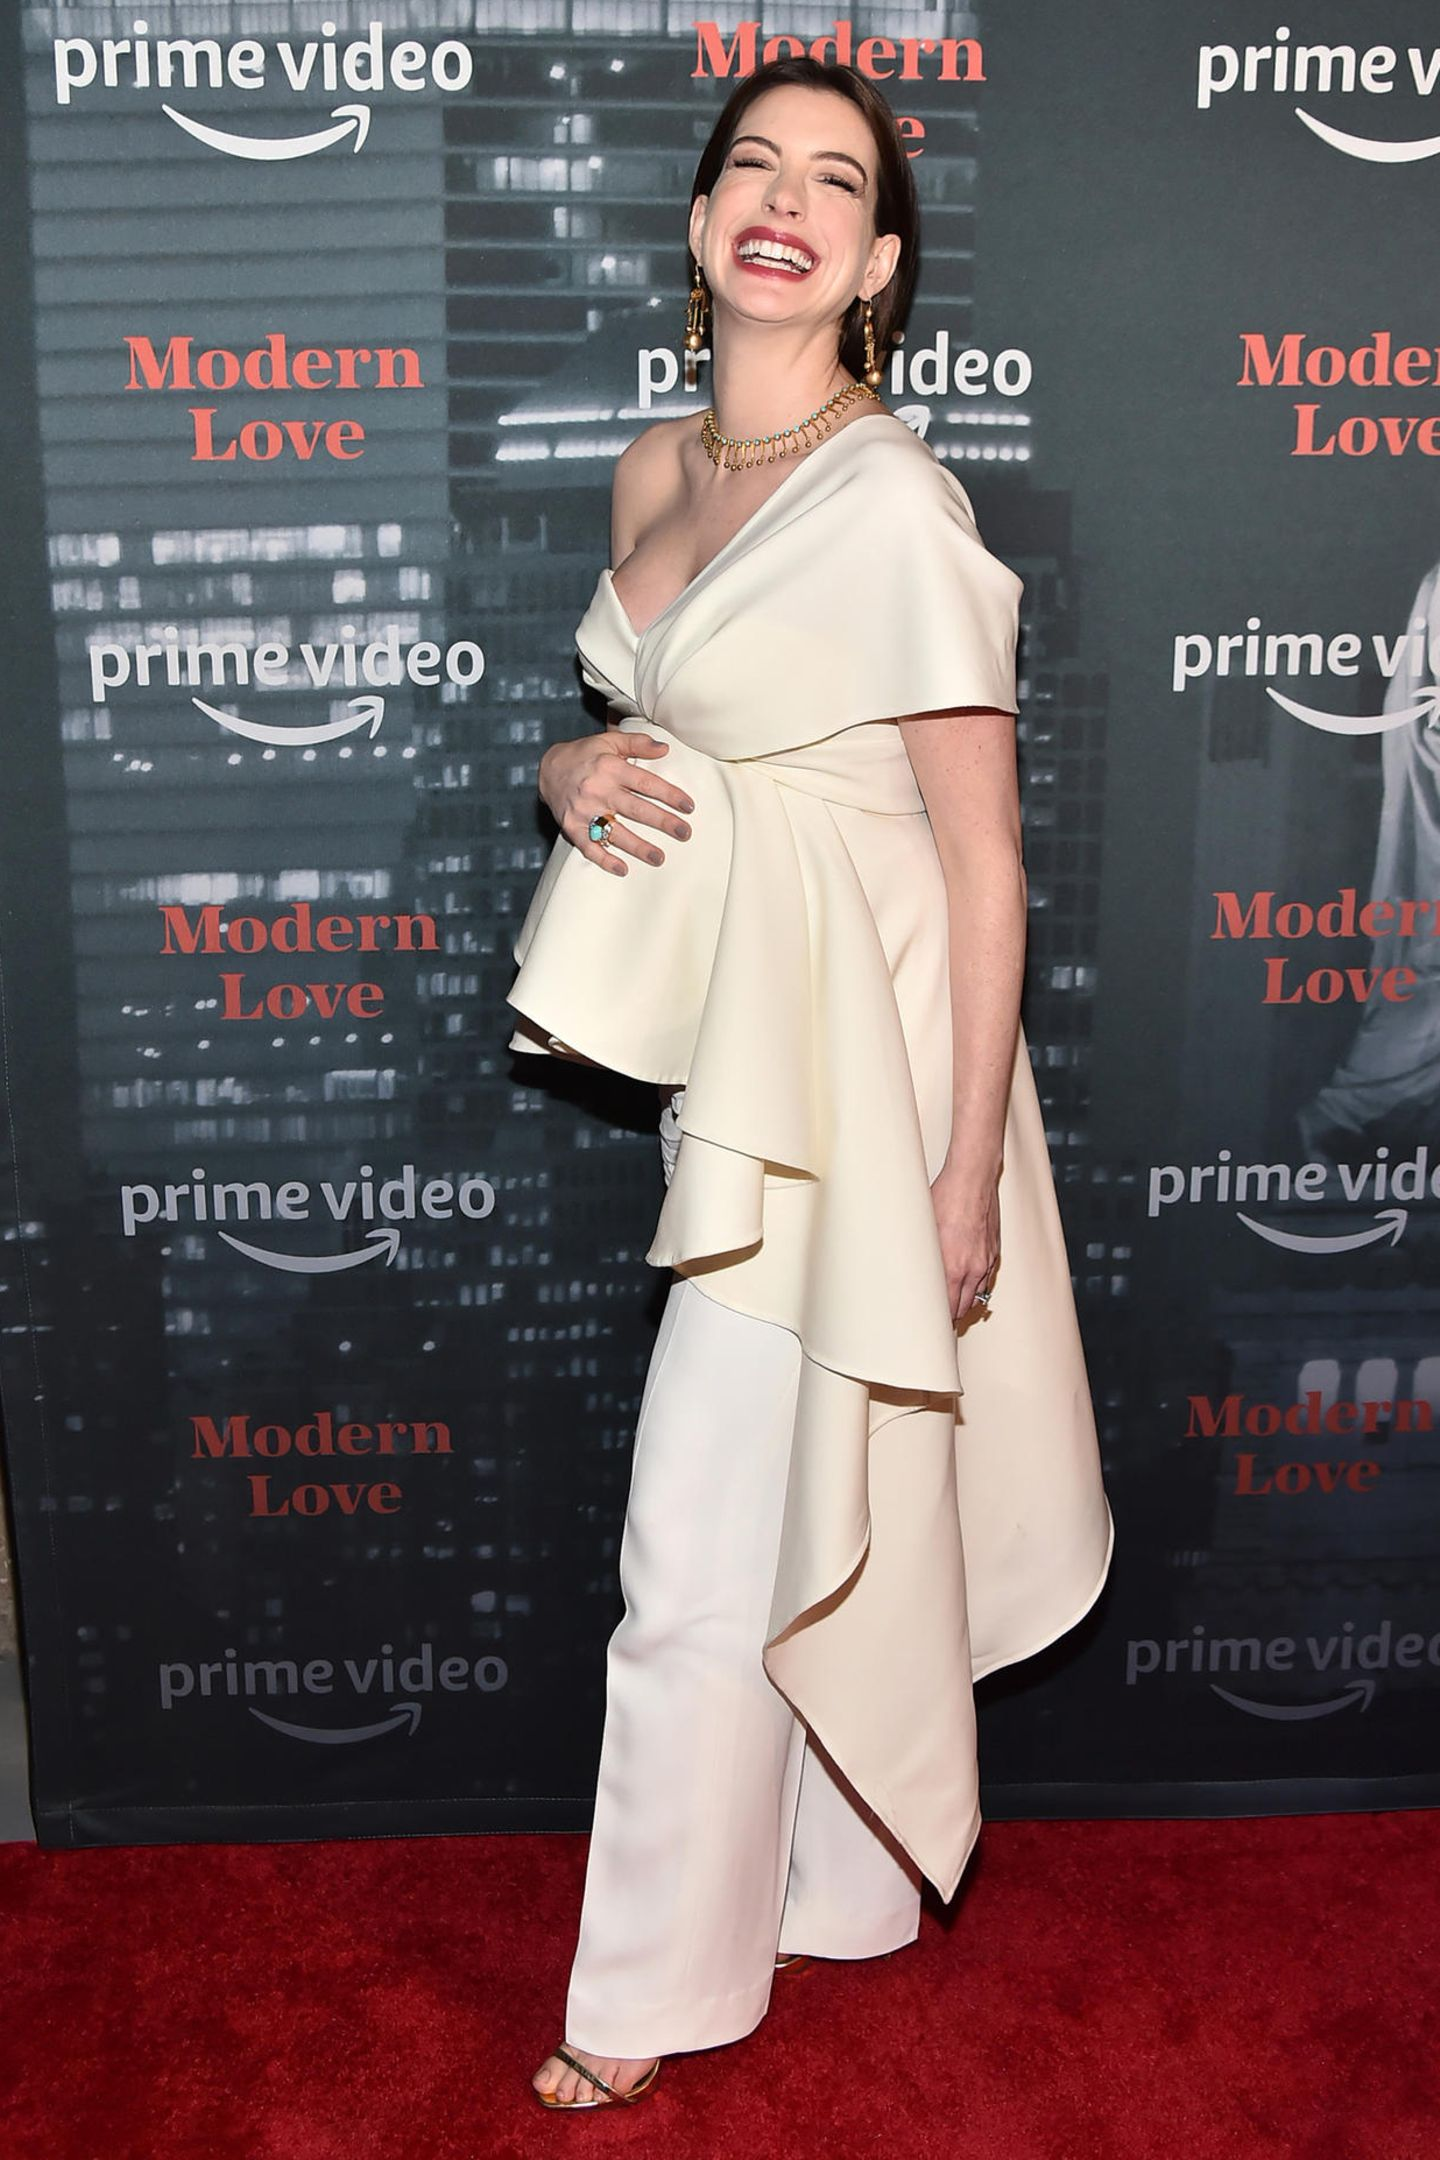 """Hey Mama! Zur Premiere ihrer neuen Serie """"Modern Love"""" setzt Anne Hathaway ihren Babybauch perfekt in Szene. Die Schauspielerin betont ihn mit einem cremefarbenen One-Shoulder-Topmit verspielten Volants, die asymmetrisch an ihrer linken Körperseite herunterfallen. Dazu kombiniert Anne eine weiße Stoffhose und goldene High Heels – gepaart mit ihrem schönsten Lächeln!"""